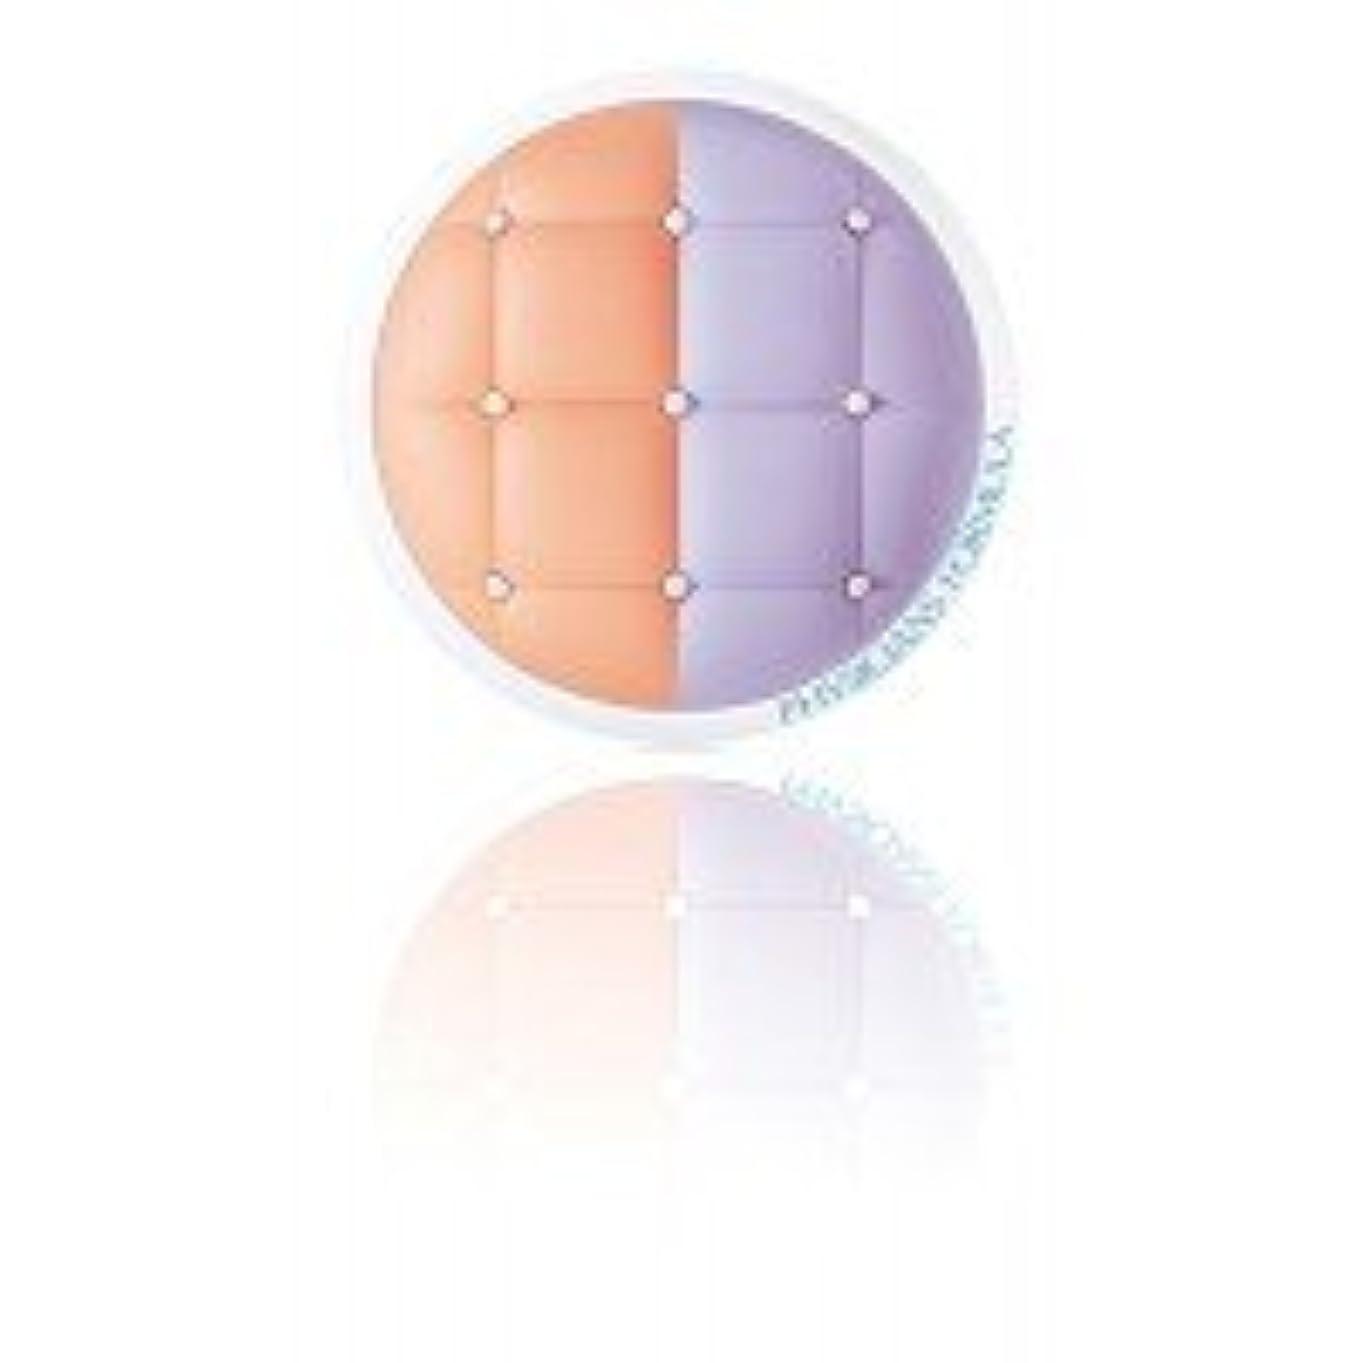 準備する返済頑固なミネラルウェア クッションコレクター+プライマーデュオ Peach/Lavender MCC02